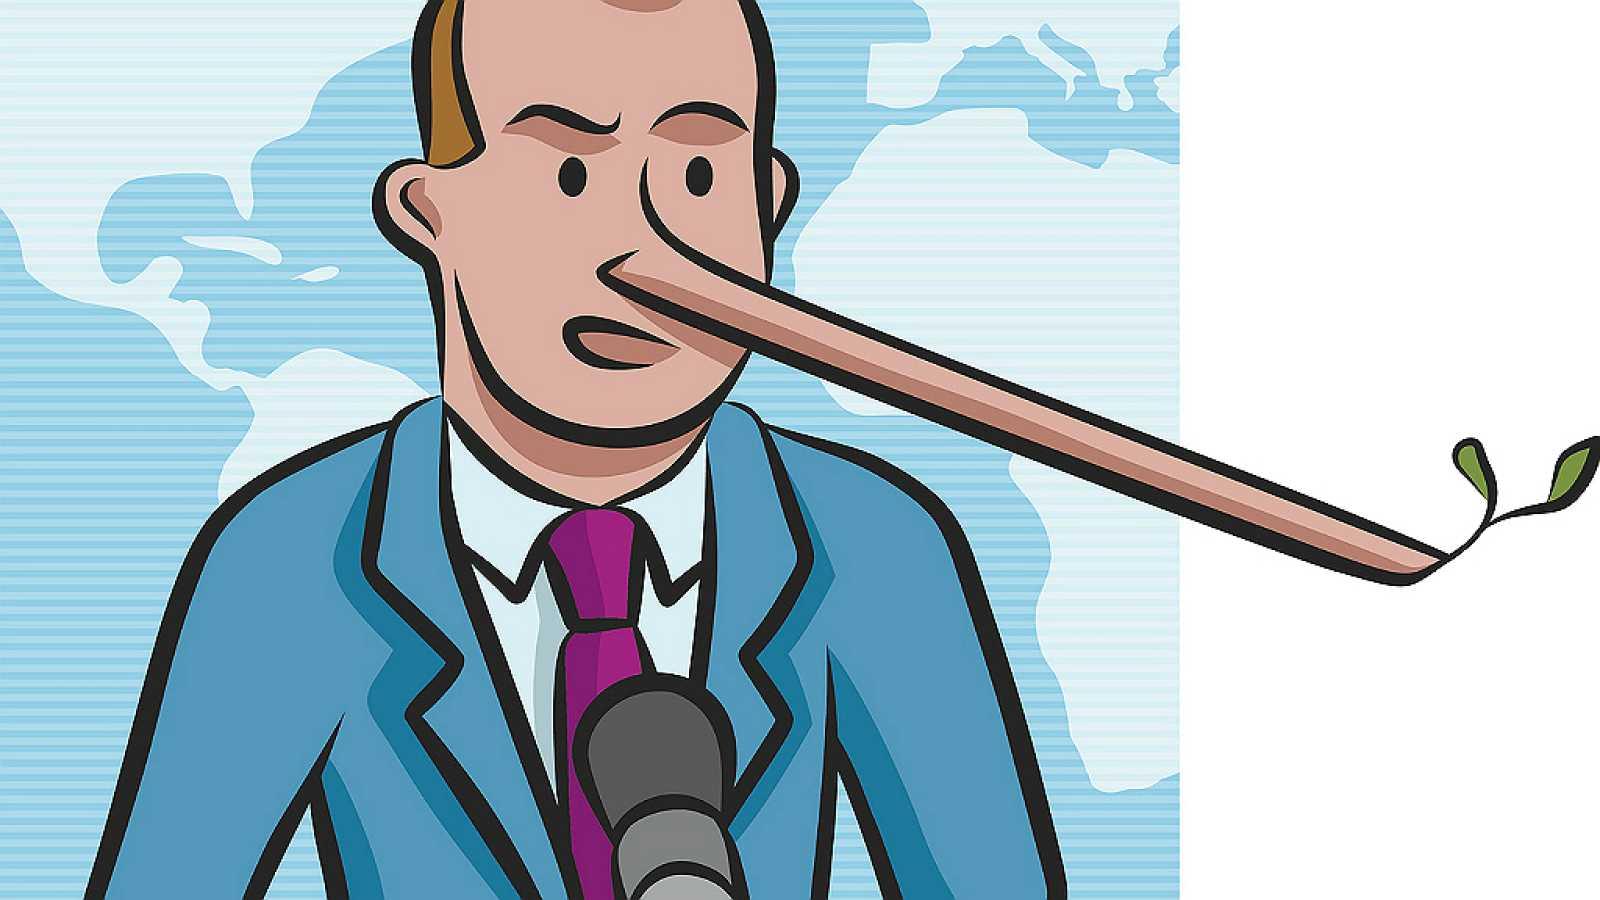 Creando que es gerundio - Fake news: los bulos 2.0 - 03/08/18 - Escuchar ahora